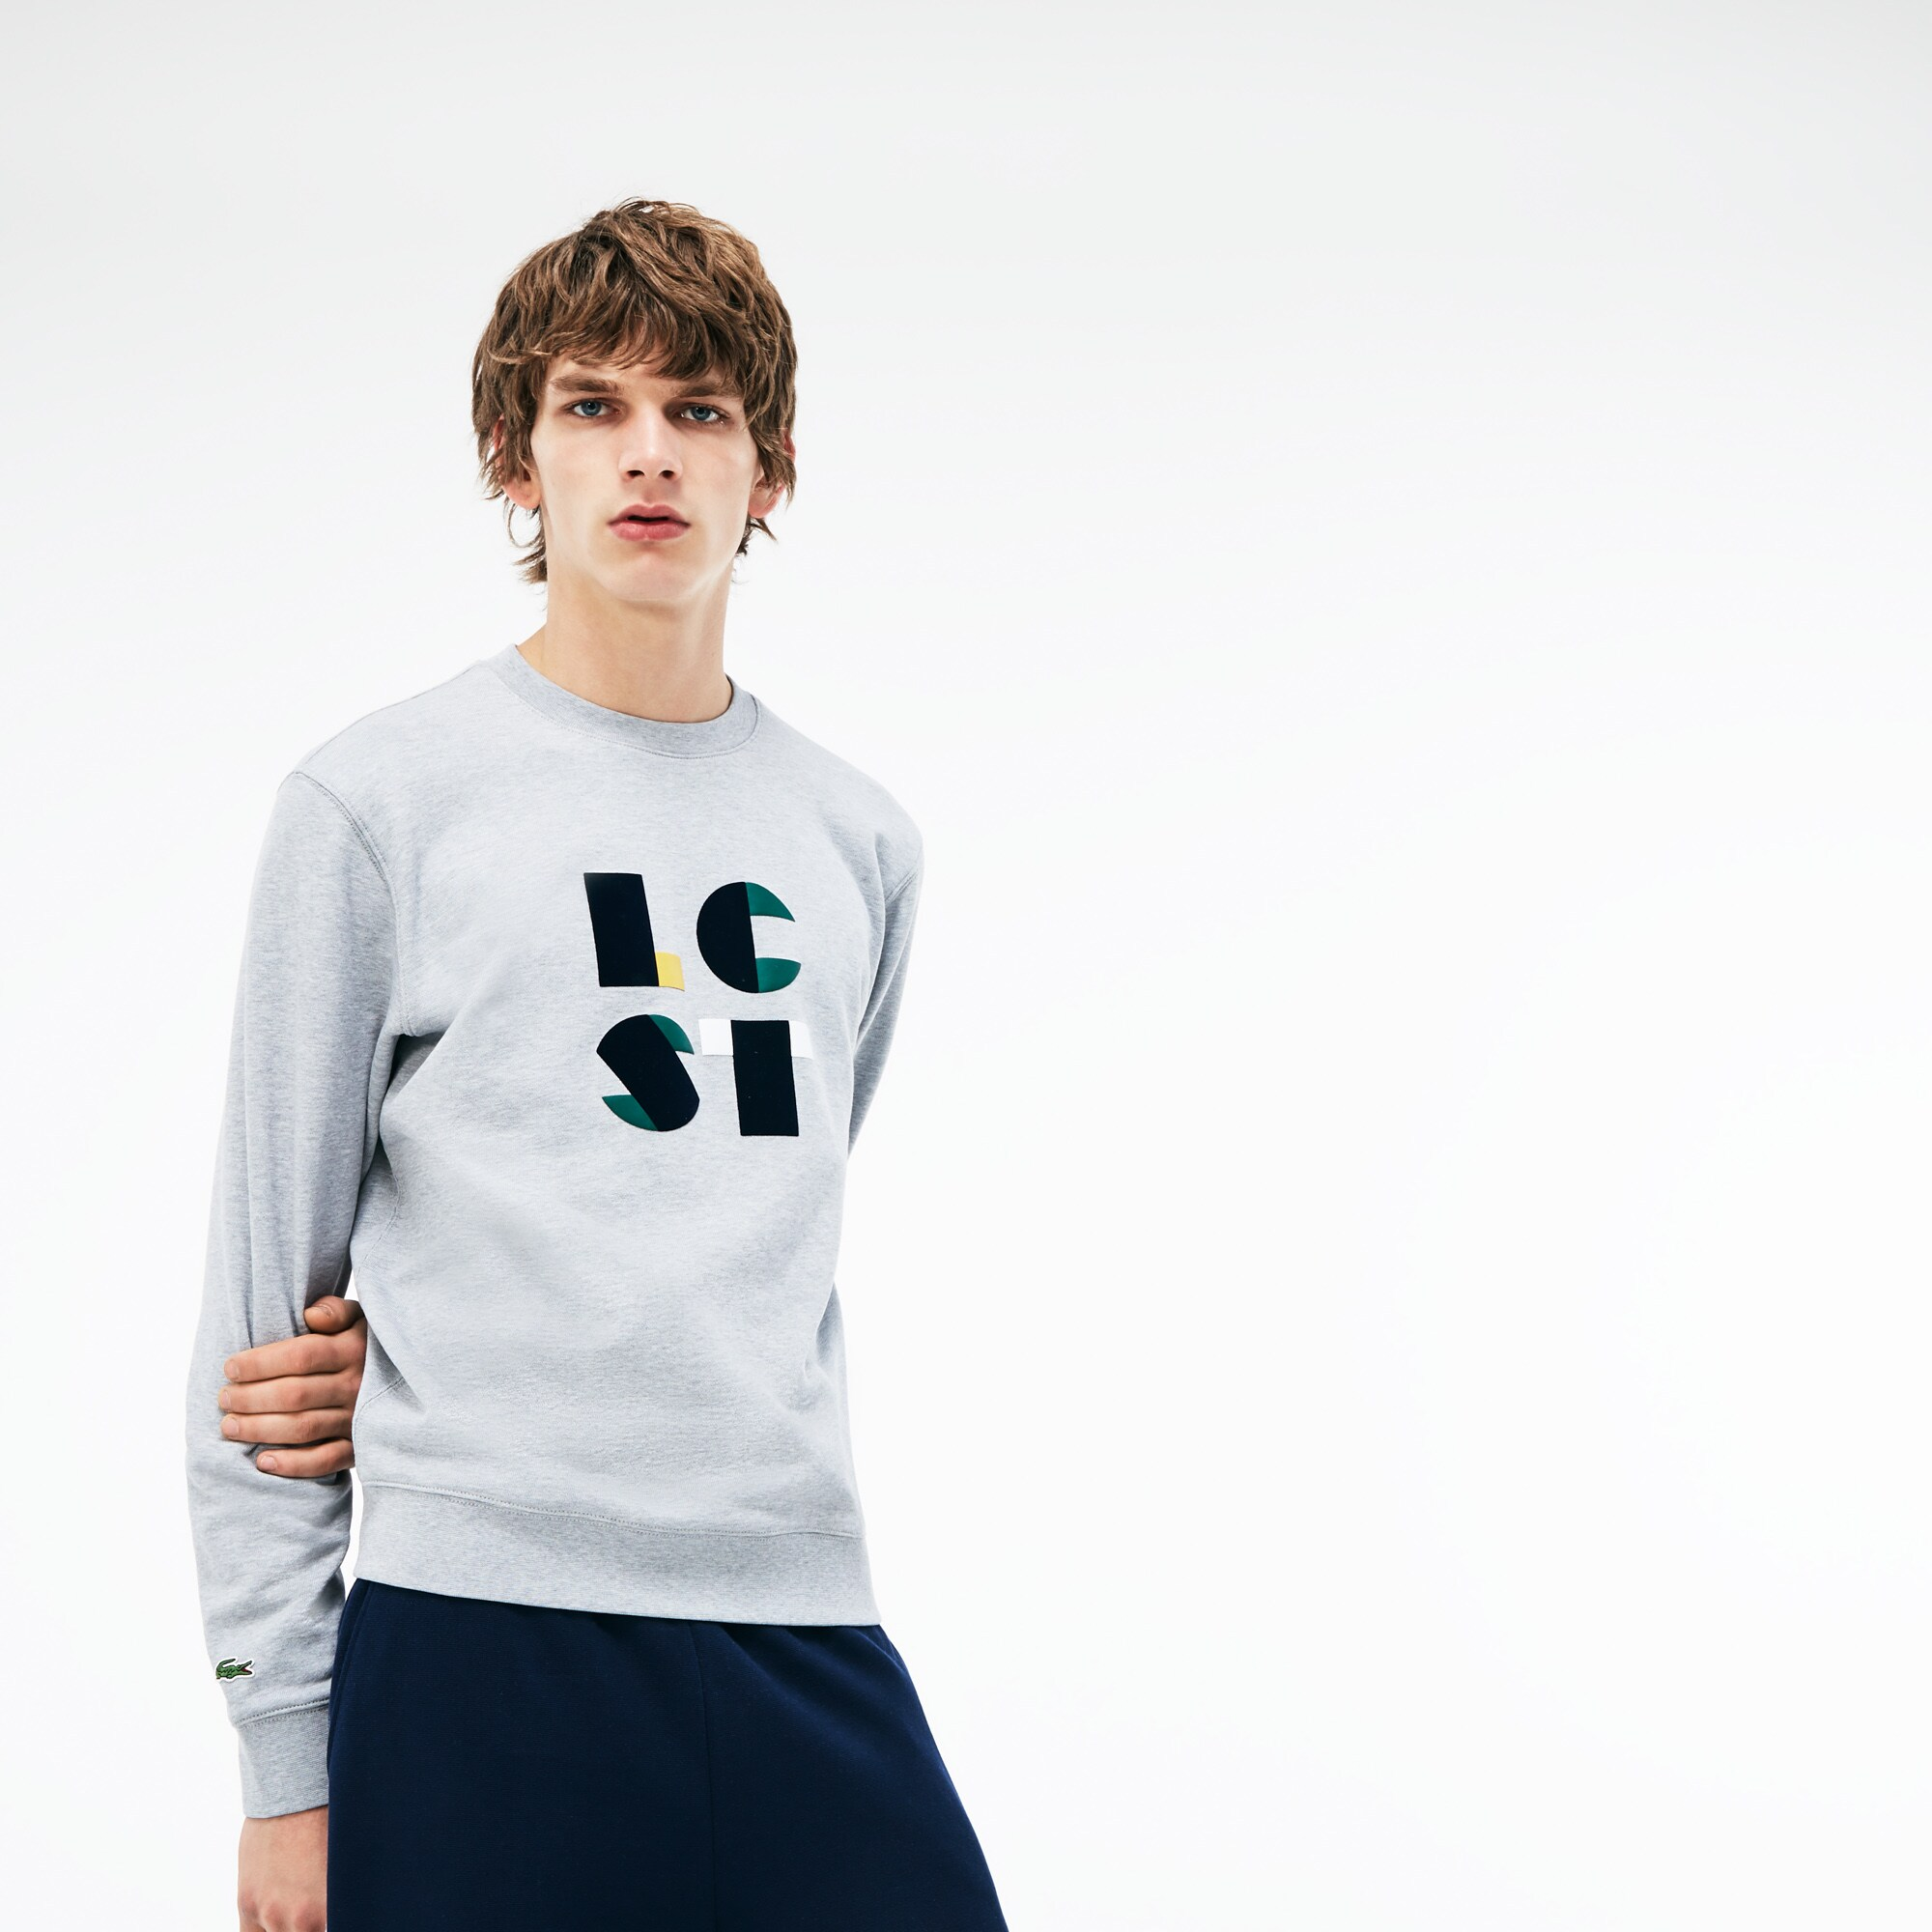 Herren Rundhals-Sweatshirt mit LACOSTE Schriftzug